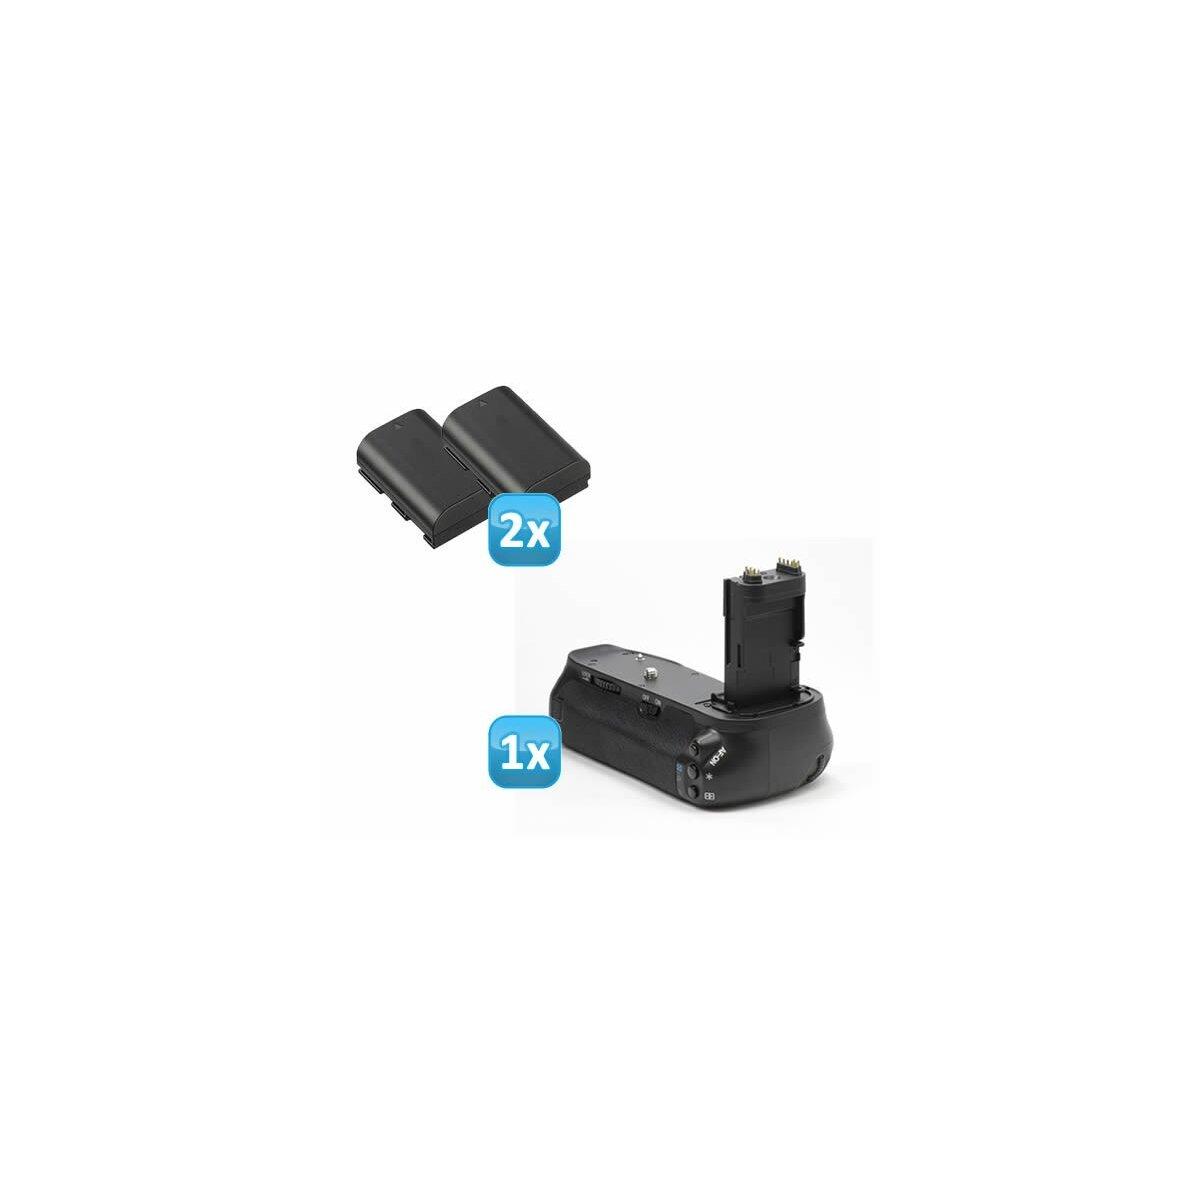 Profi Batteriegriff kompatibel mit Canon EOS 6D Ersatz für BG-E13 - für 2x LP-E6 und 6x AA Batterien + 2x LP-E6 Nachbau-Akkus